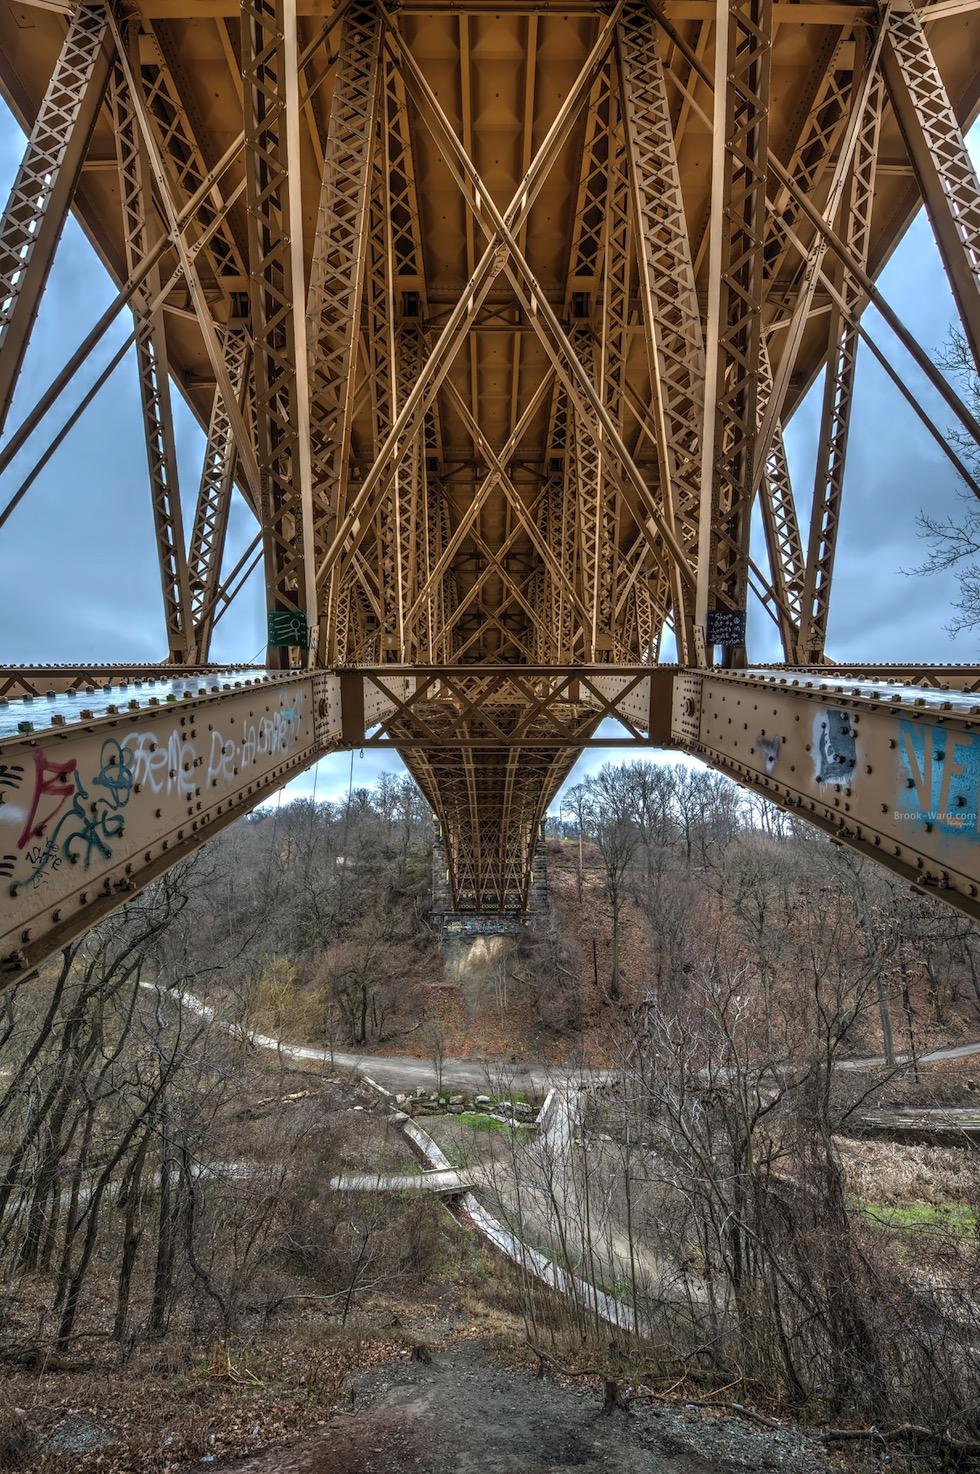 Underside of the bridge